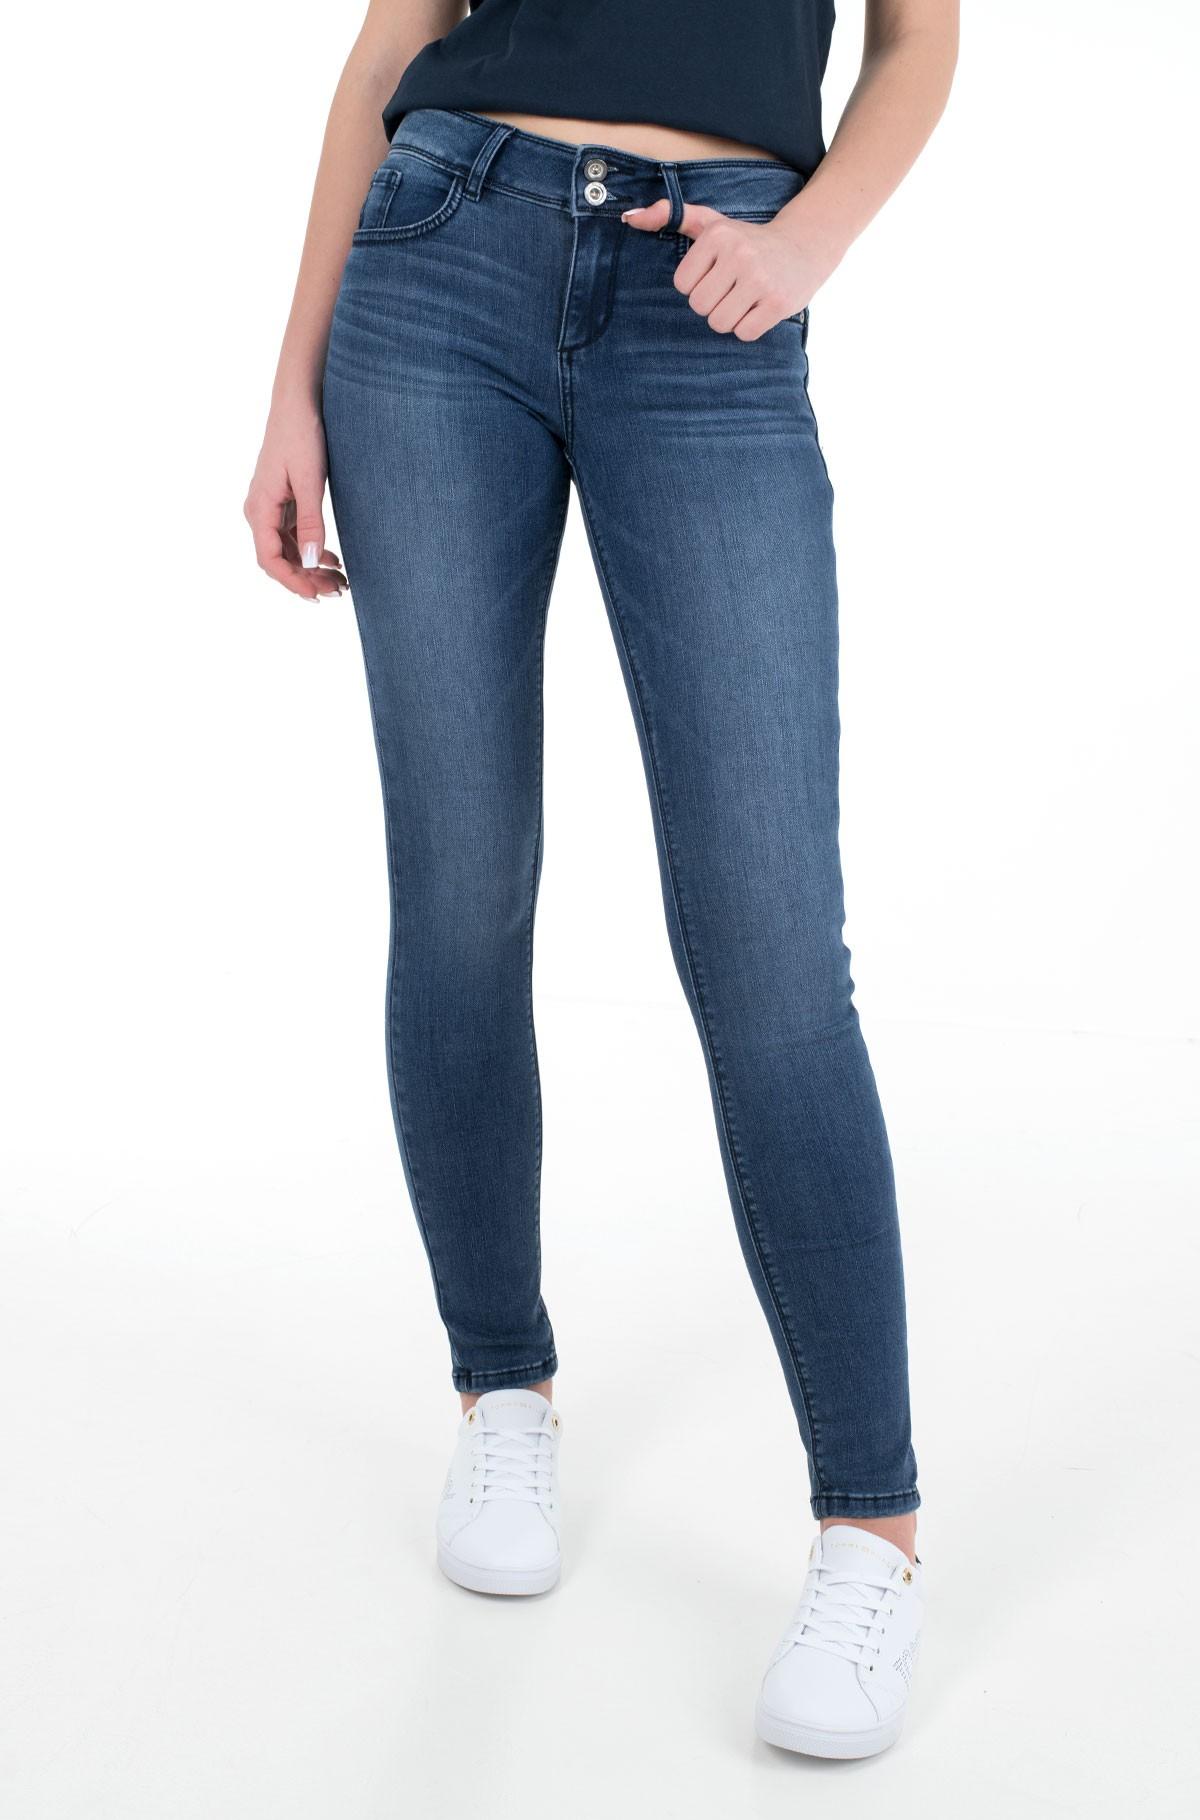 Jeans 1024688-full-1